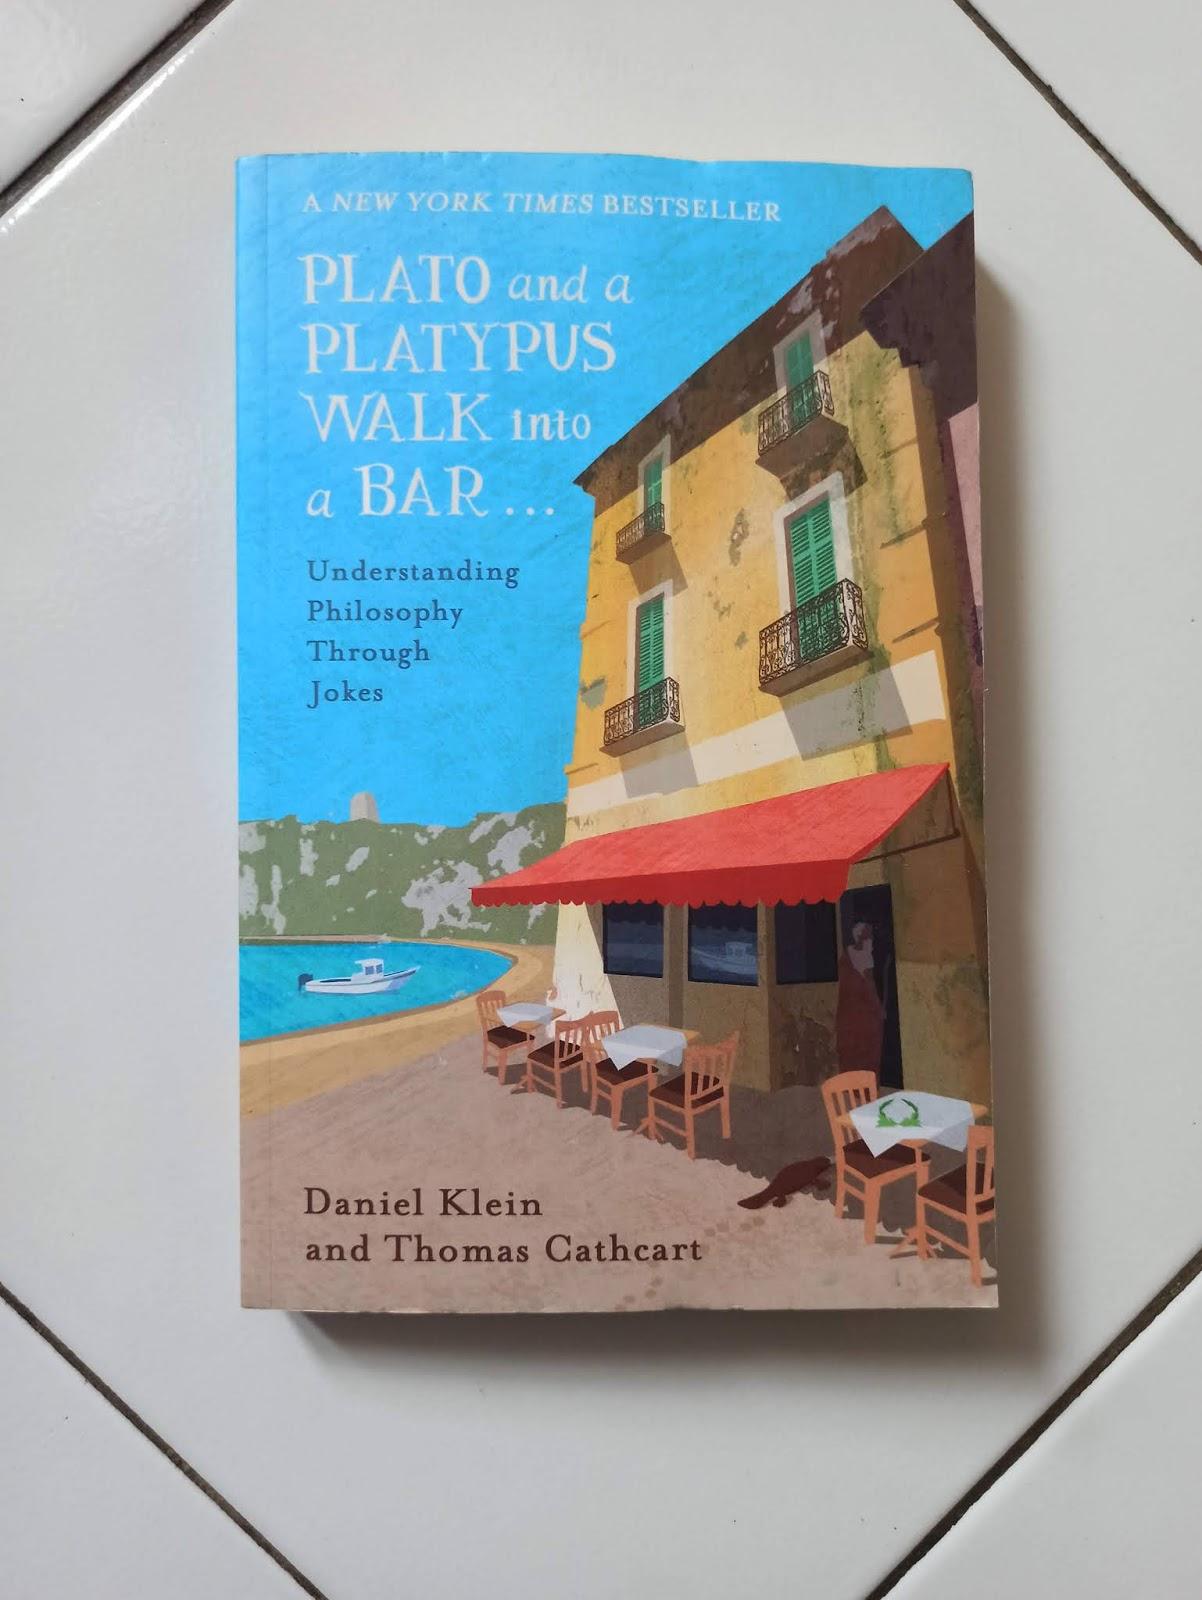 Daniel Klein and Thomas Cathcart Books